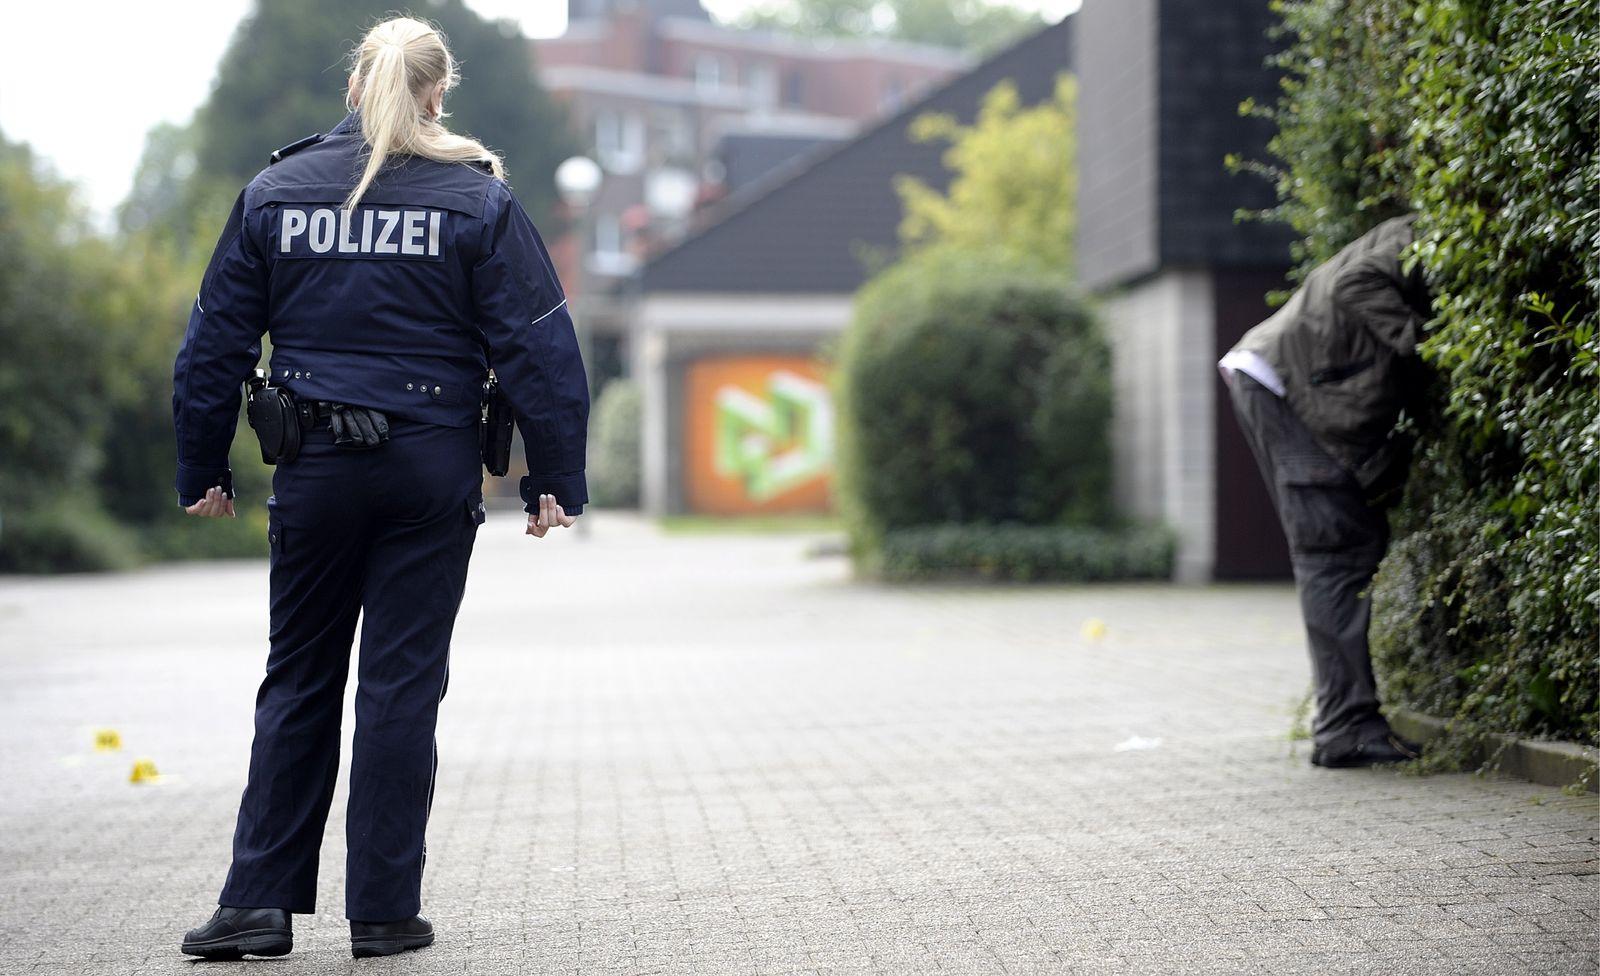 NICHT VERWENDEN Gelsenkirchen/ Messerattacke auf Polizisten